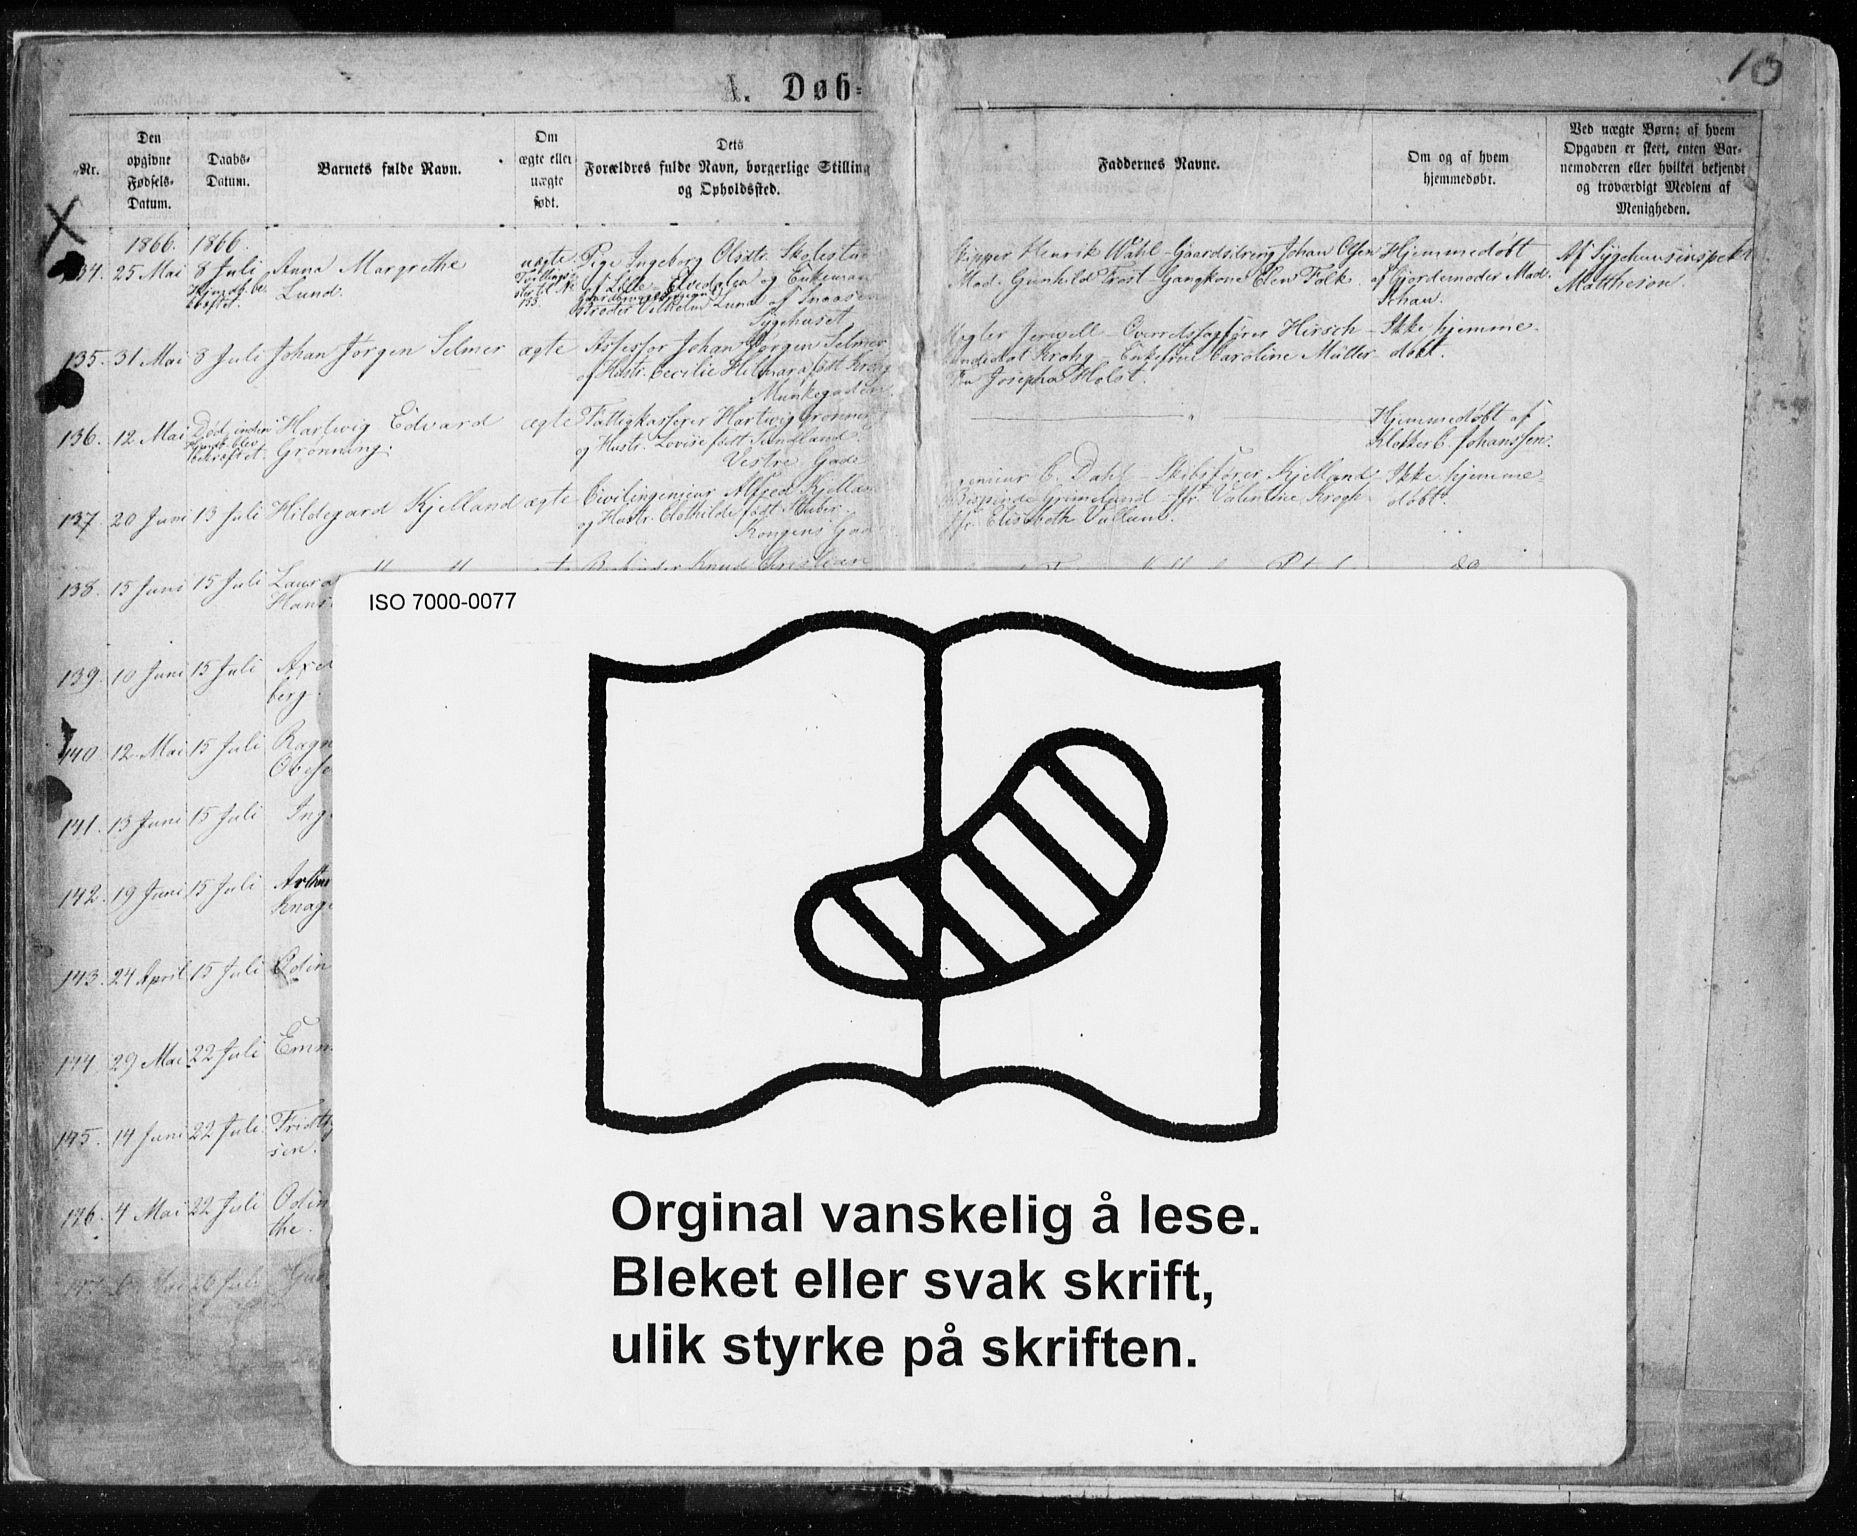 SAT, Ministerialprotokoller, klokkerbøker og fødselsregistre - Sør-Trøndelag, 601/L0054: Ministerialbok nr. 601A22, 1866-1877, s. 10